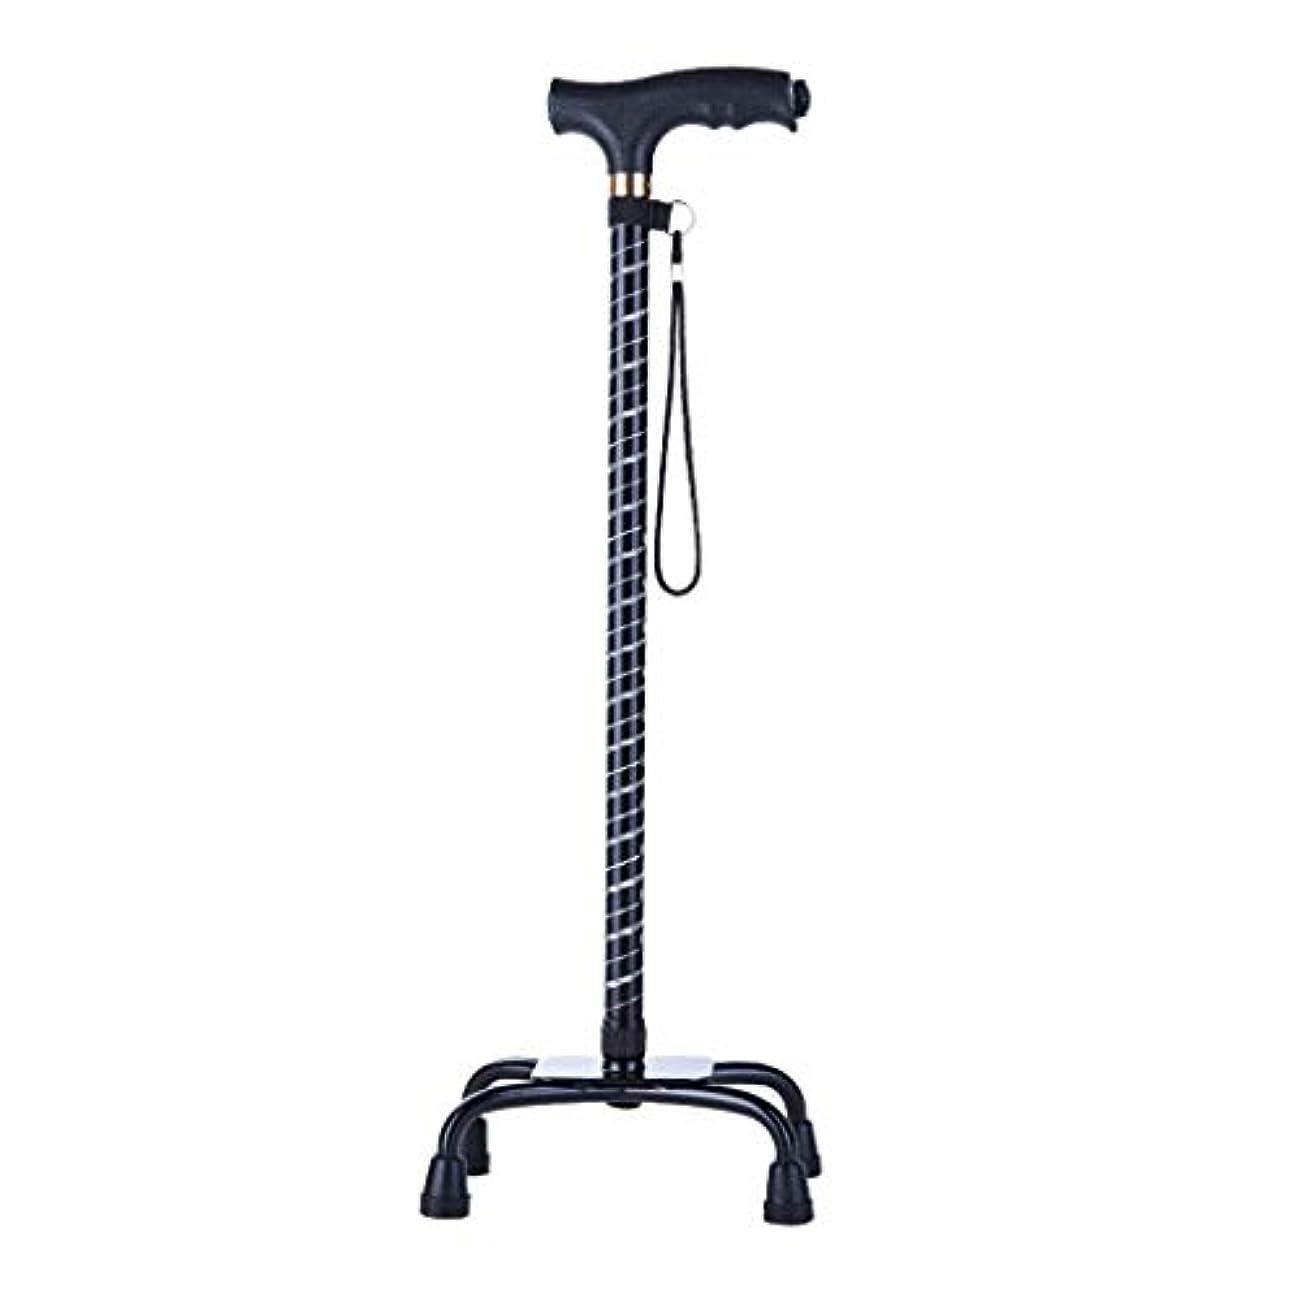 校長振動する定数バススツール 肩甲骨の厚さのアルミ合金製の懐中電灯付き4脚の開閉式アンチスキッドは、高さ調節可能な松葉杖10個で調節できます 折りたたみ式のバスルームのスツール